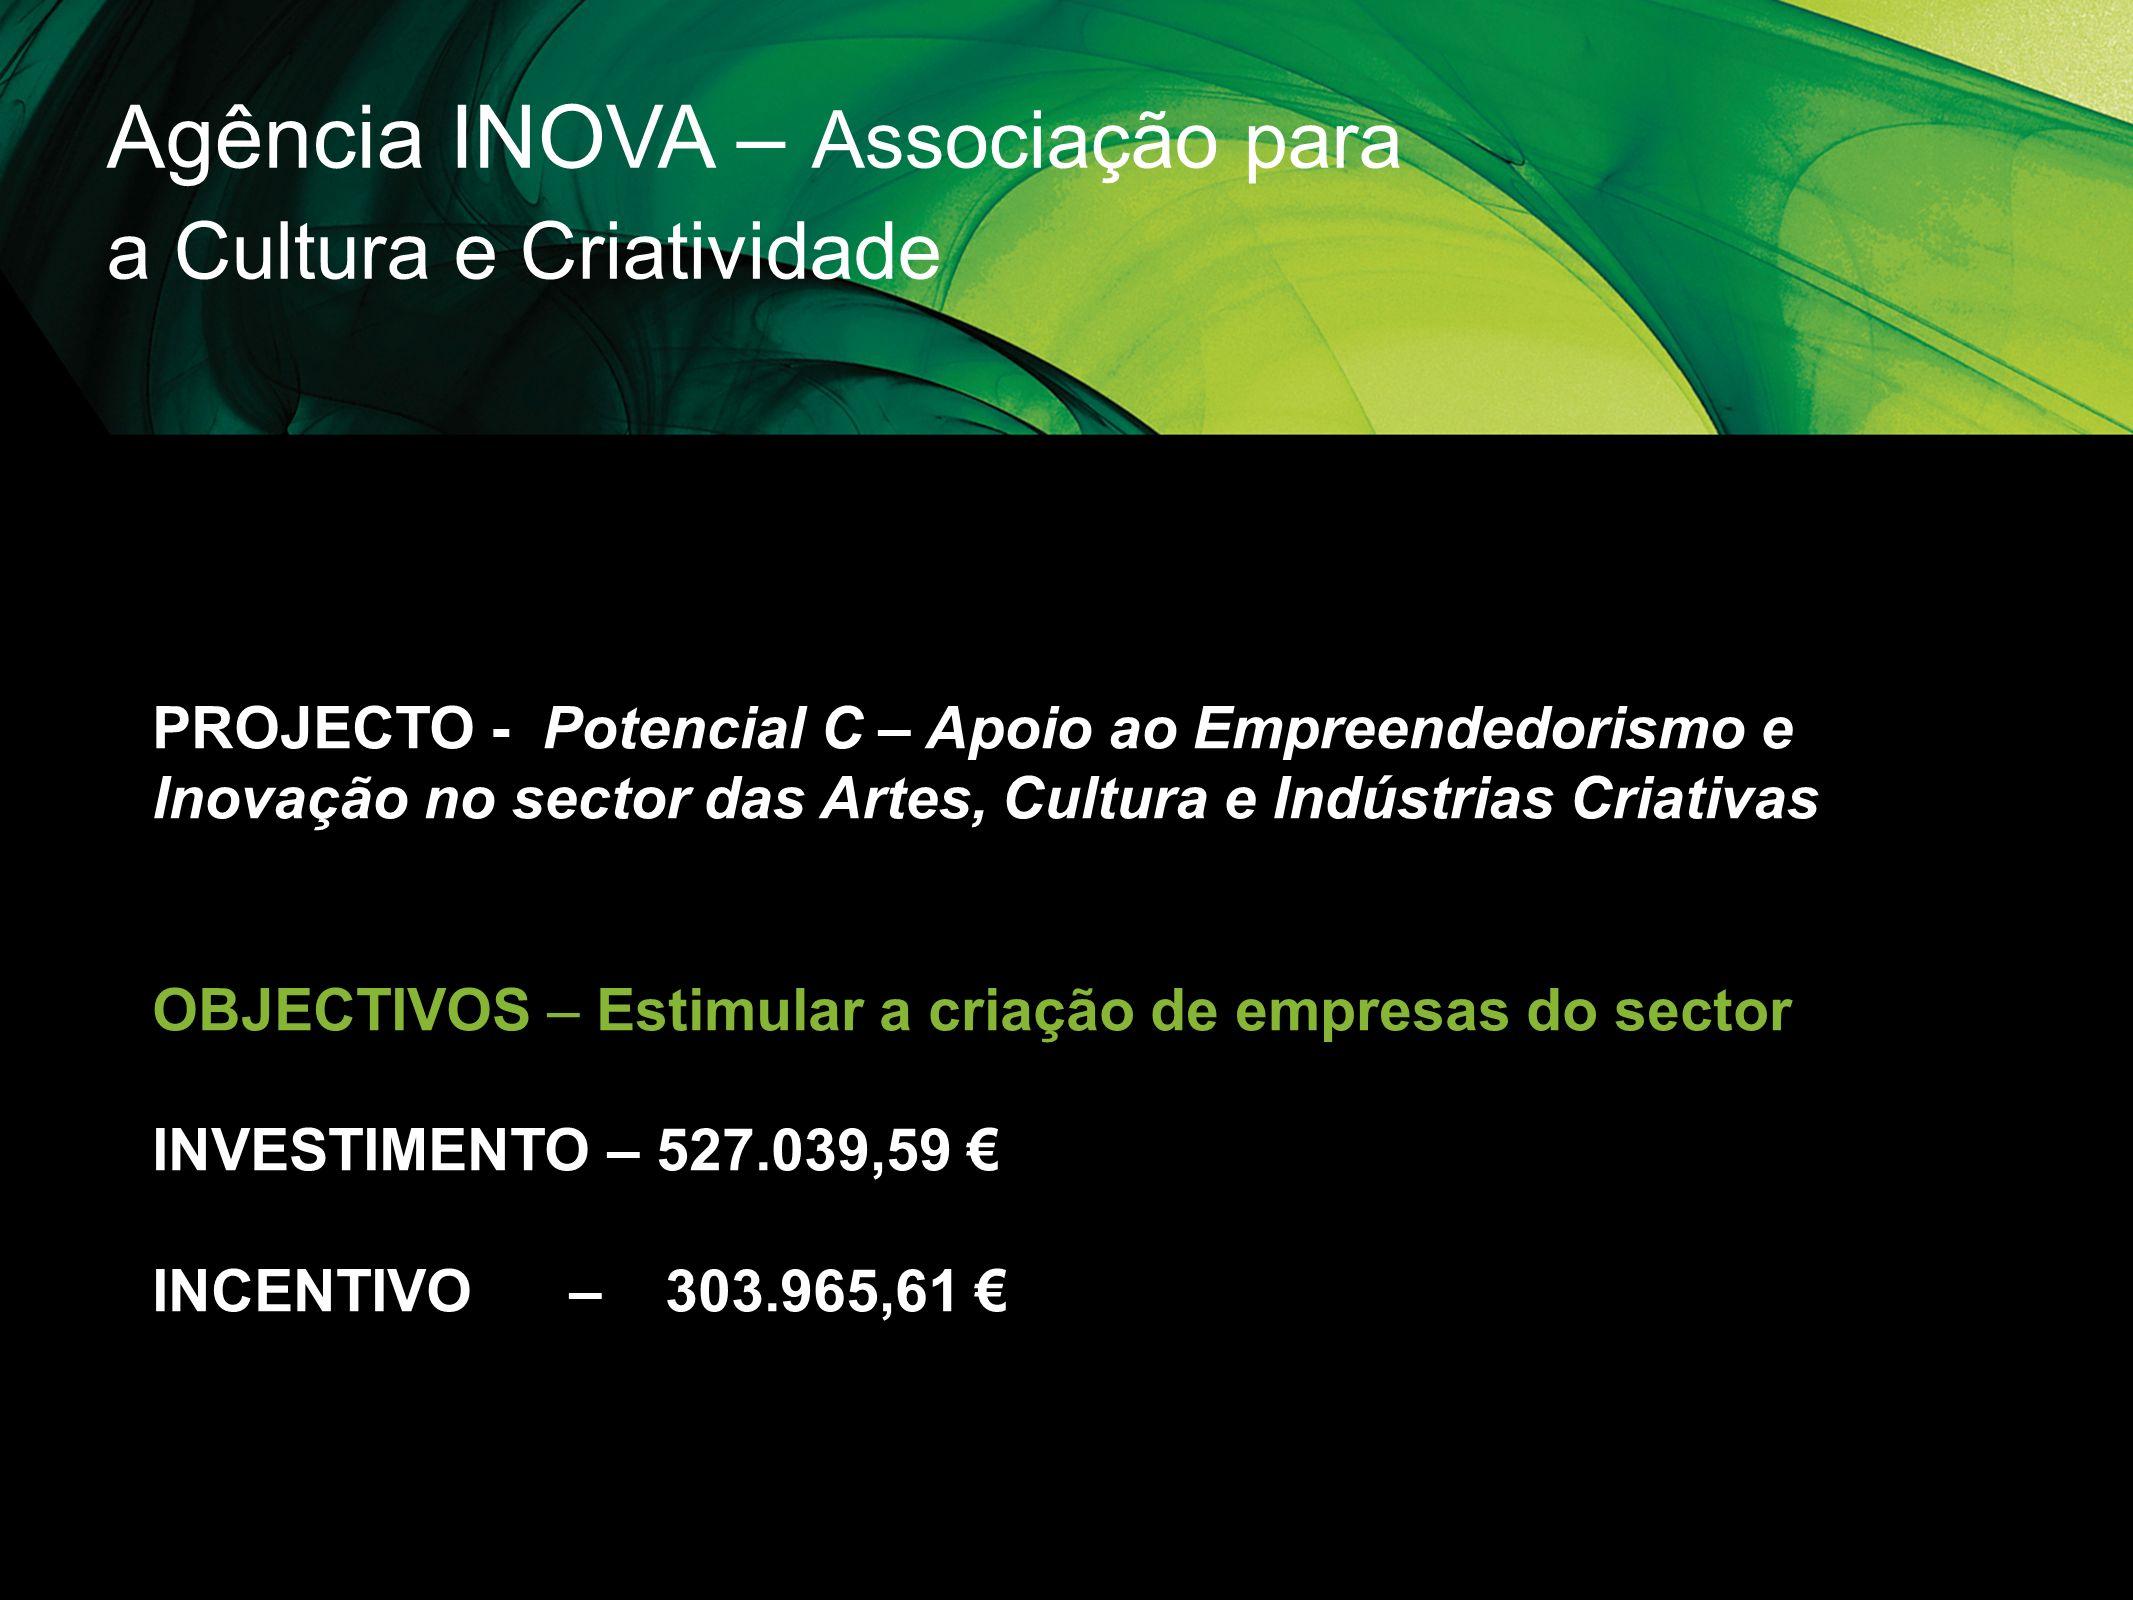 Agência INOVA – Associação para a Cultura e Criatividade PROJECTO - Potencial C – Apoio ao Empreendedorismo e Inovação no sector das Artes, Cultura e